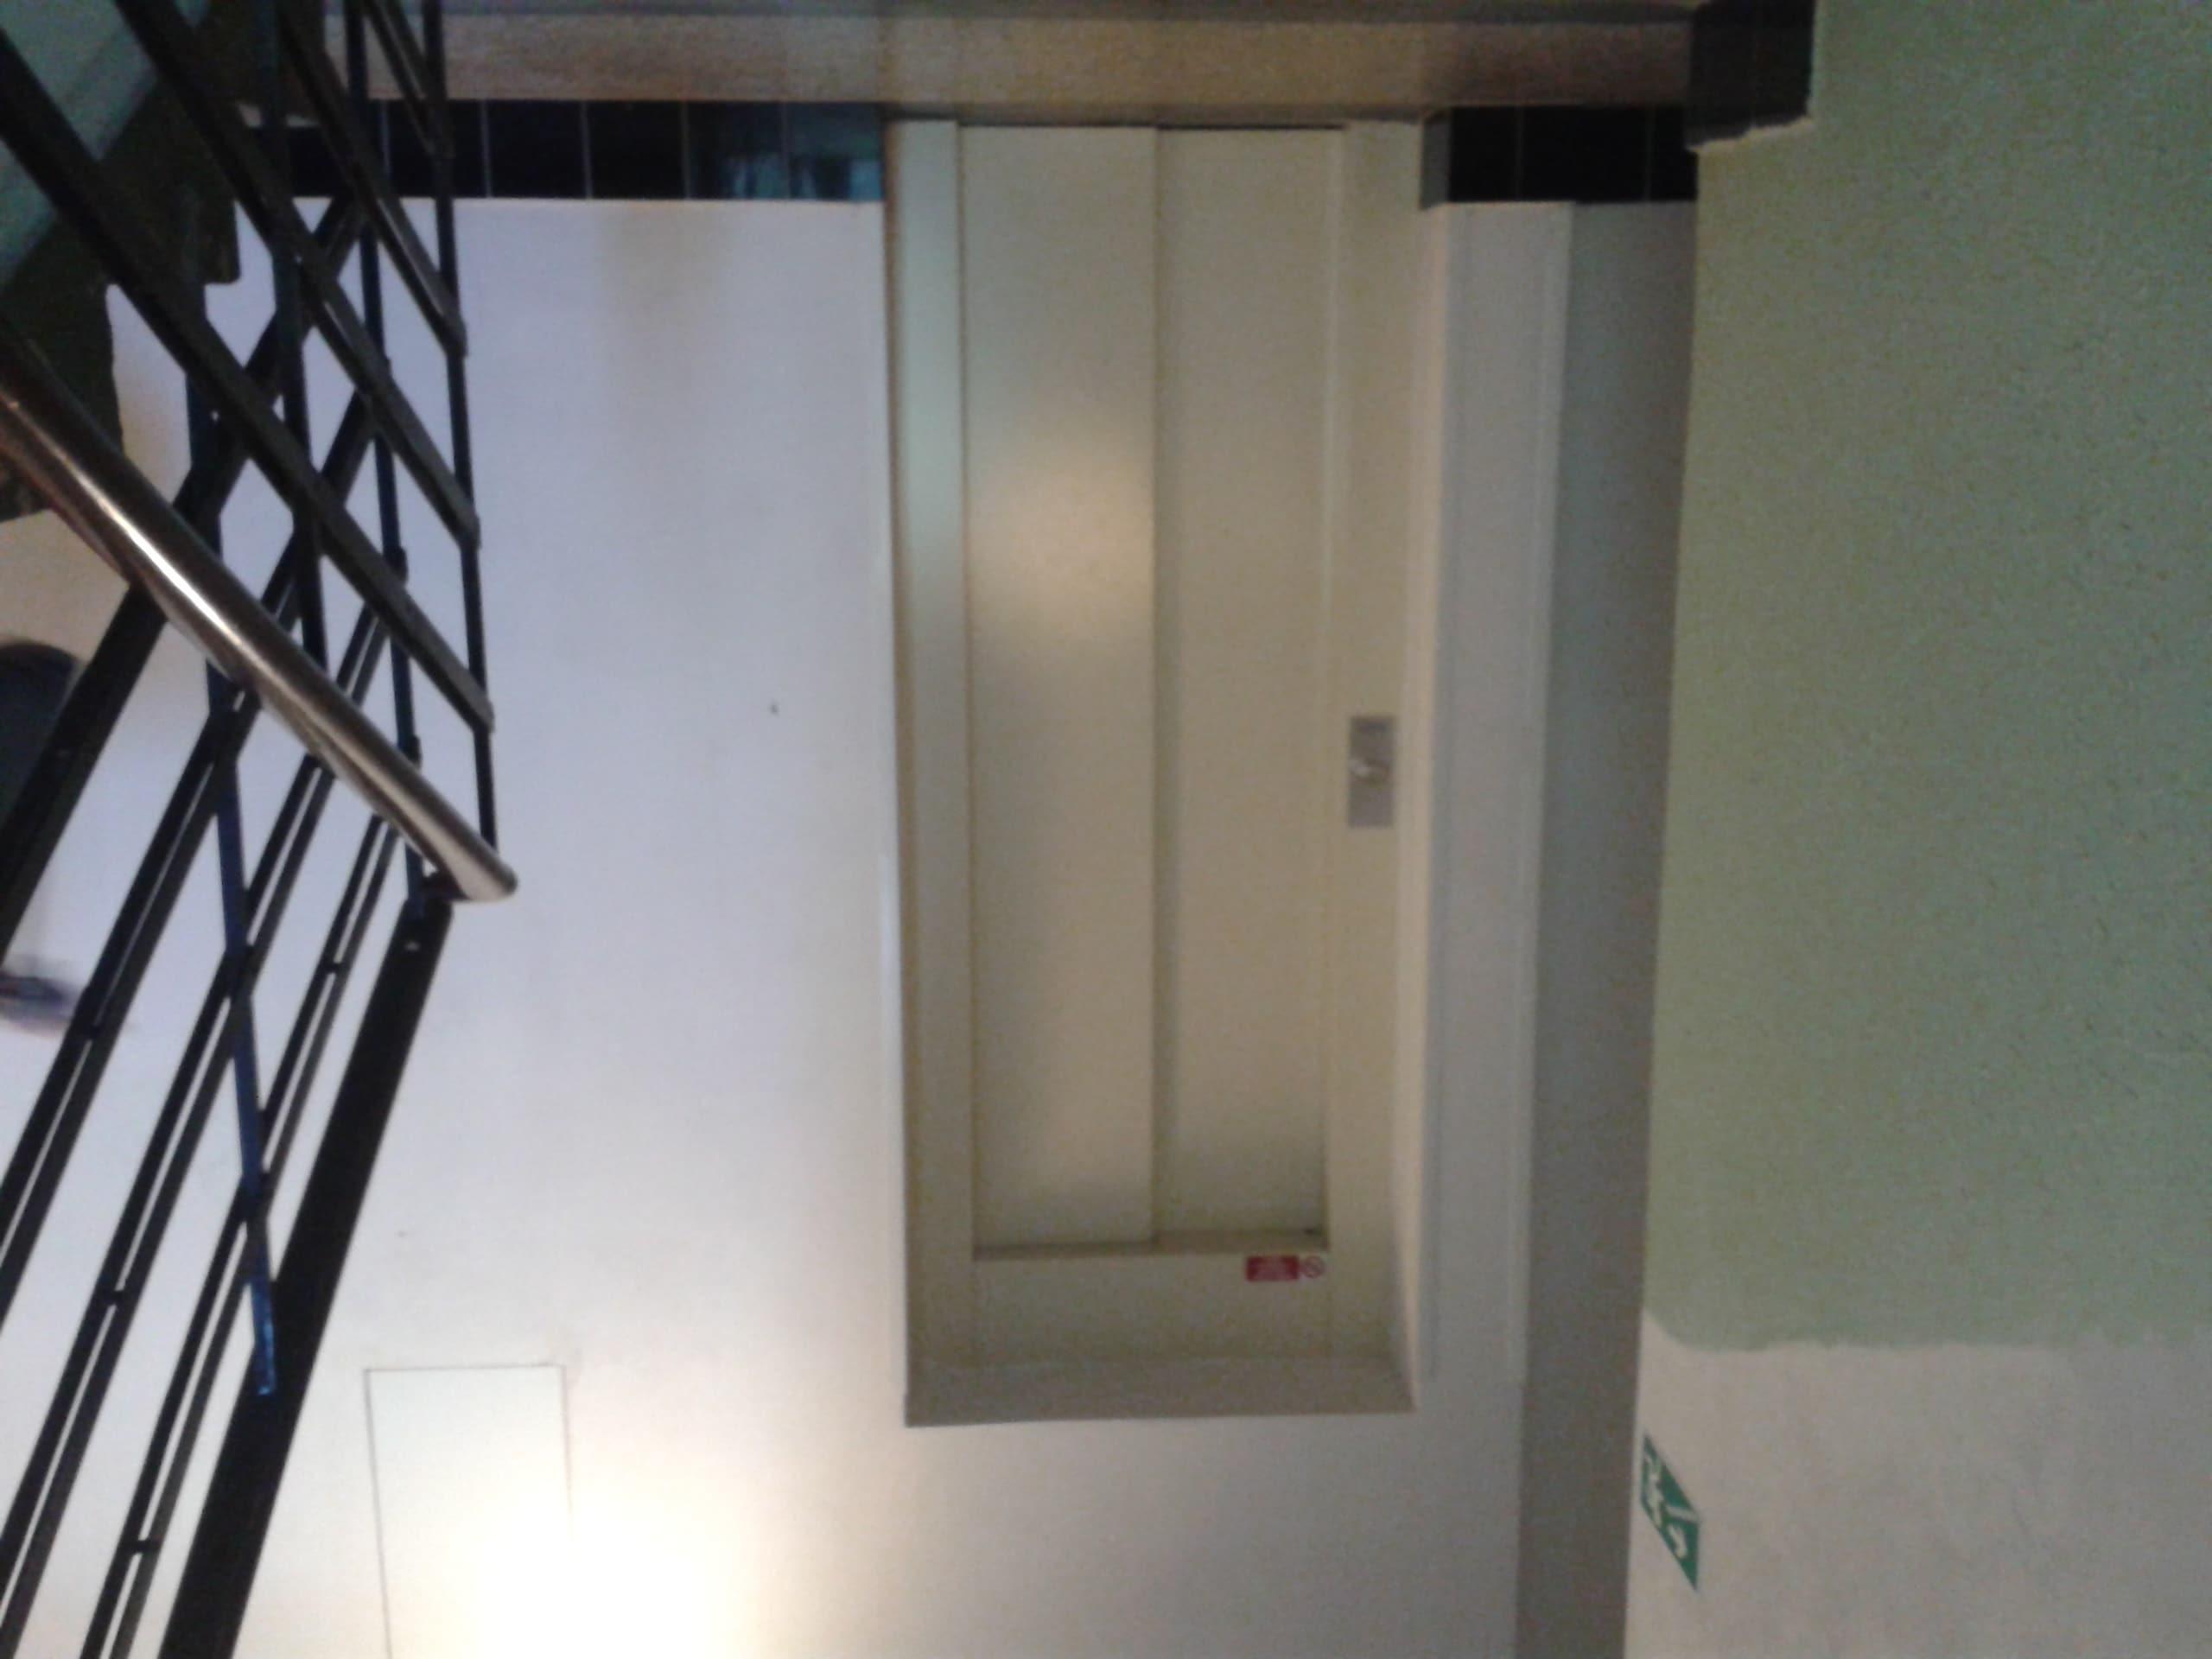 למכירה דירת 2 חדרים בשכונת ז'יז'קוב בפראג11 (17)